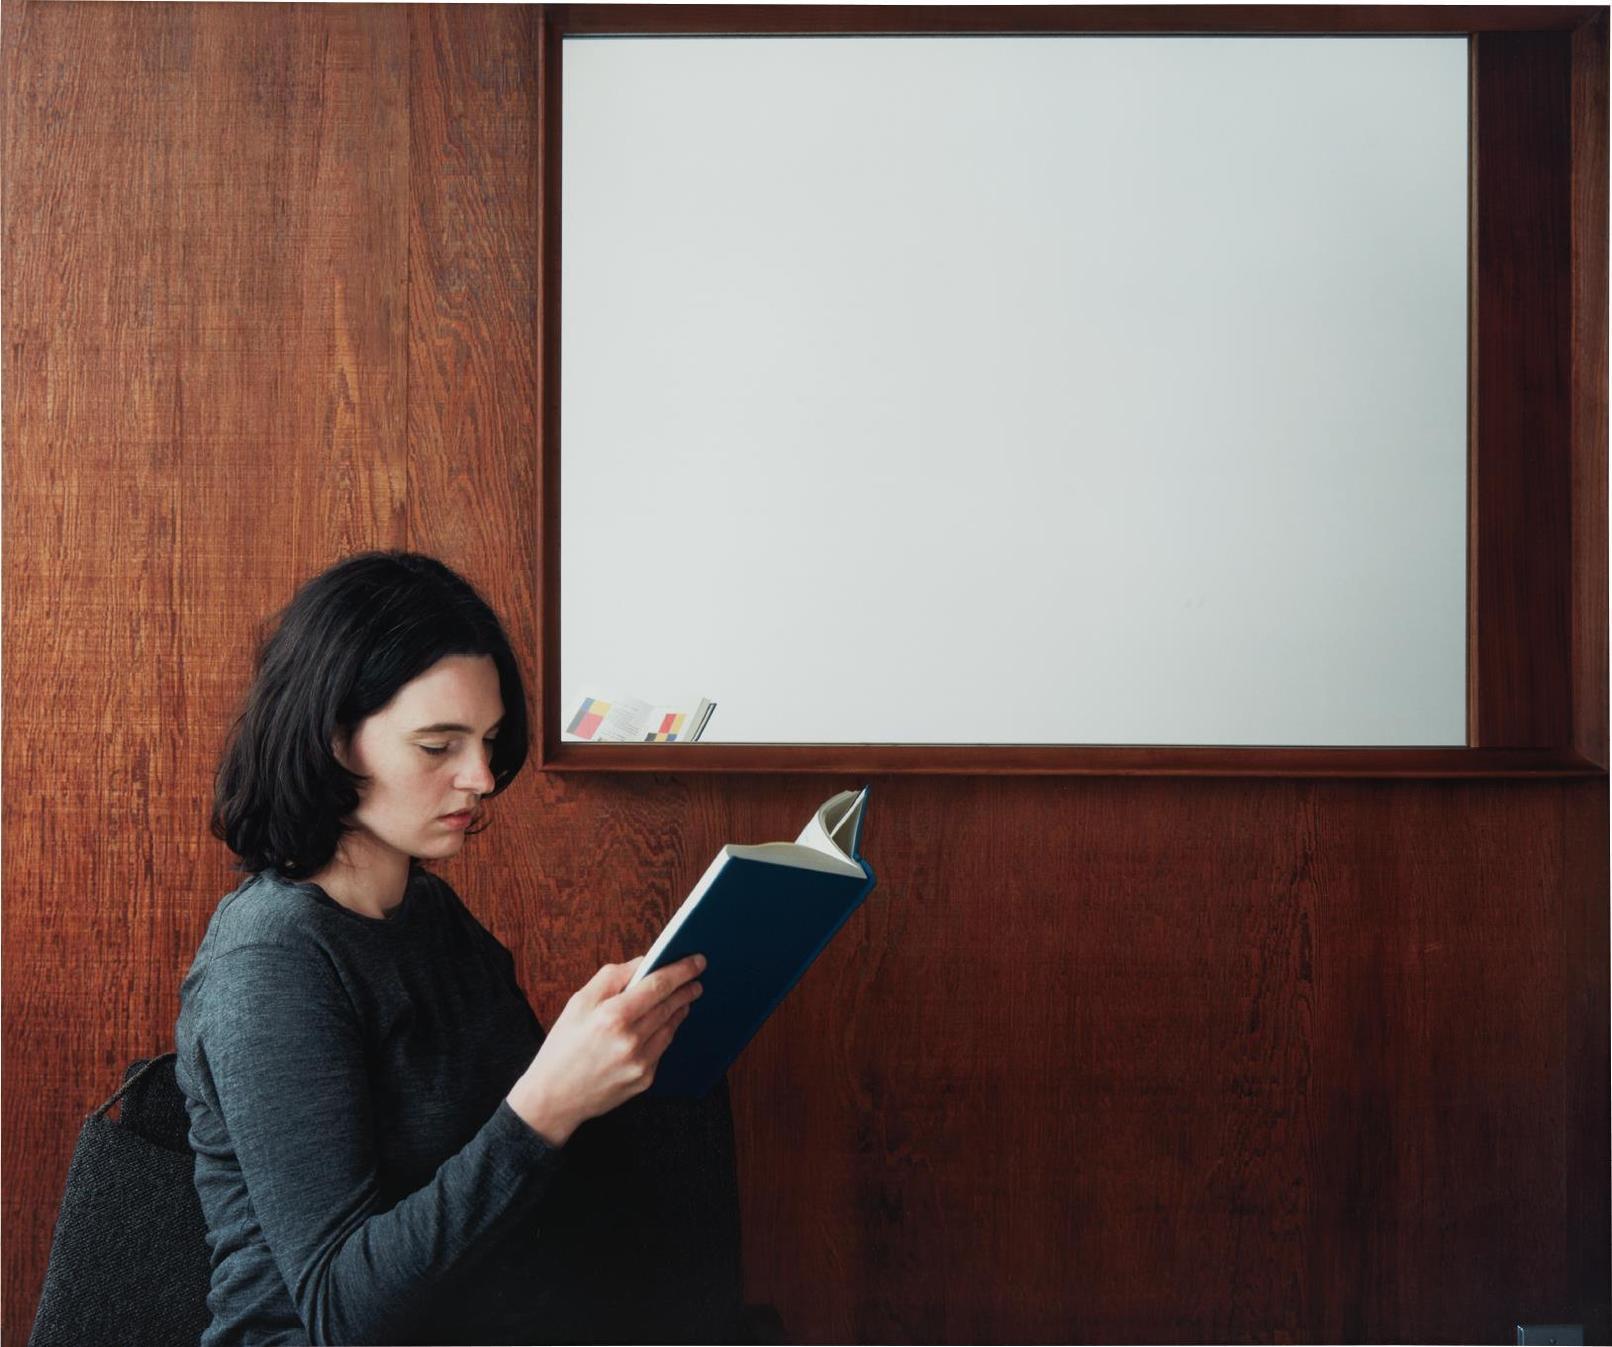 Sharon Lockhart-Untitled-2003